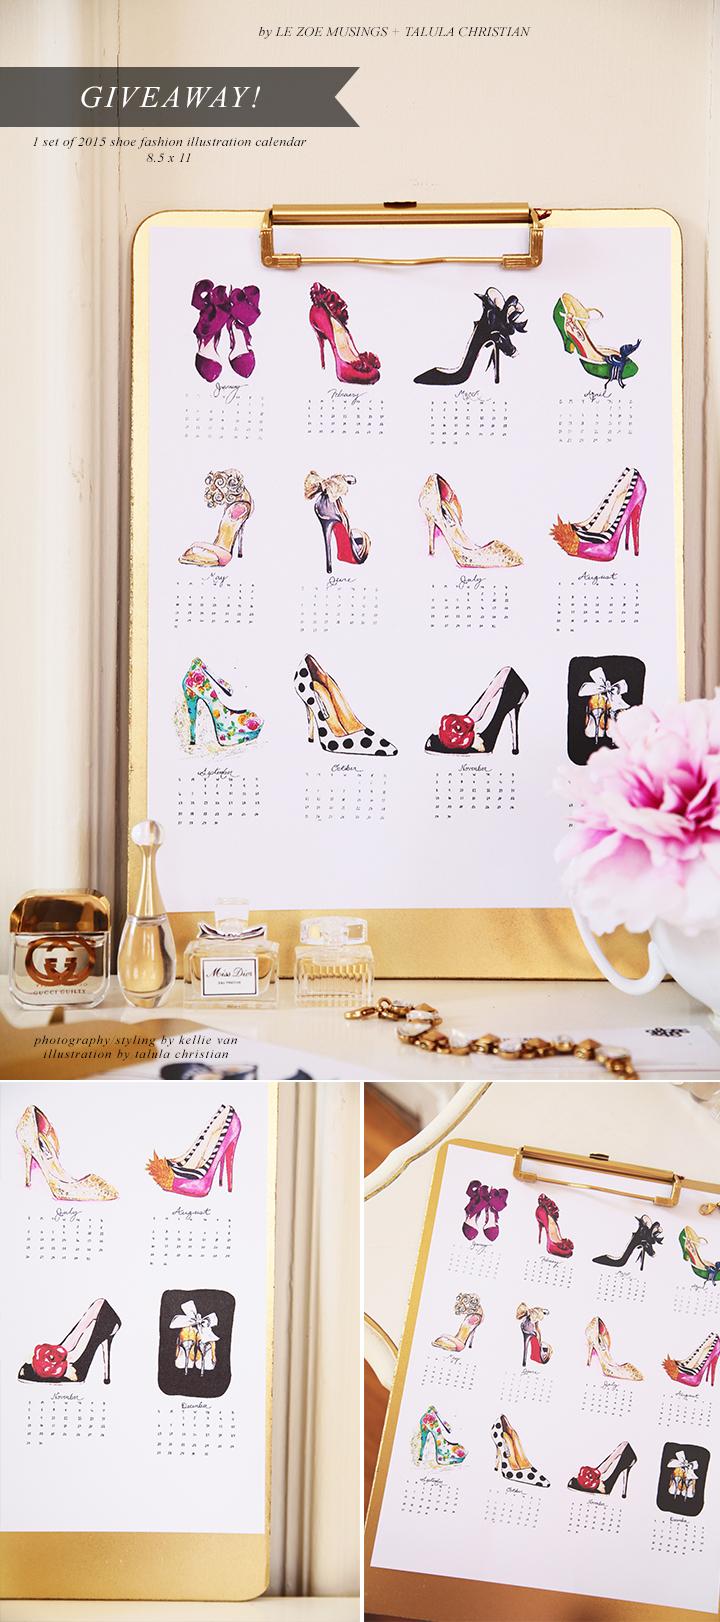 Clipboard Makeover by Kellie Van of Le Zoe Musings 4